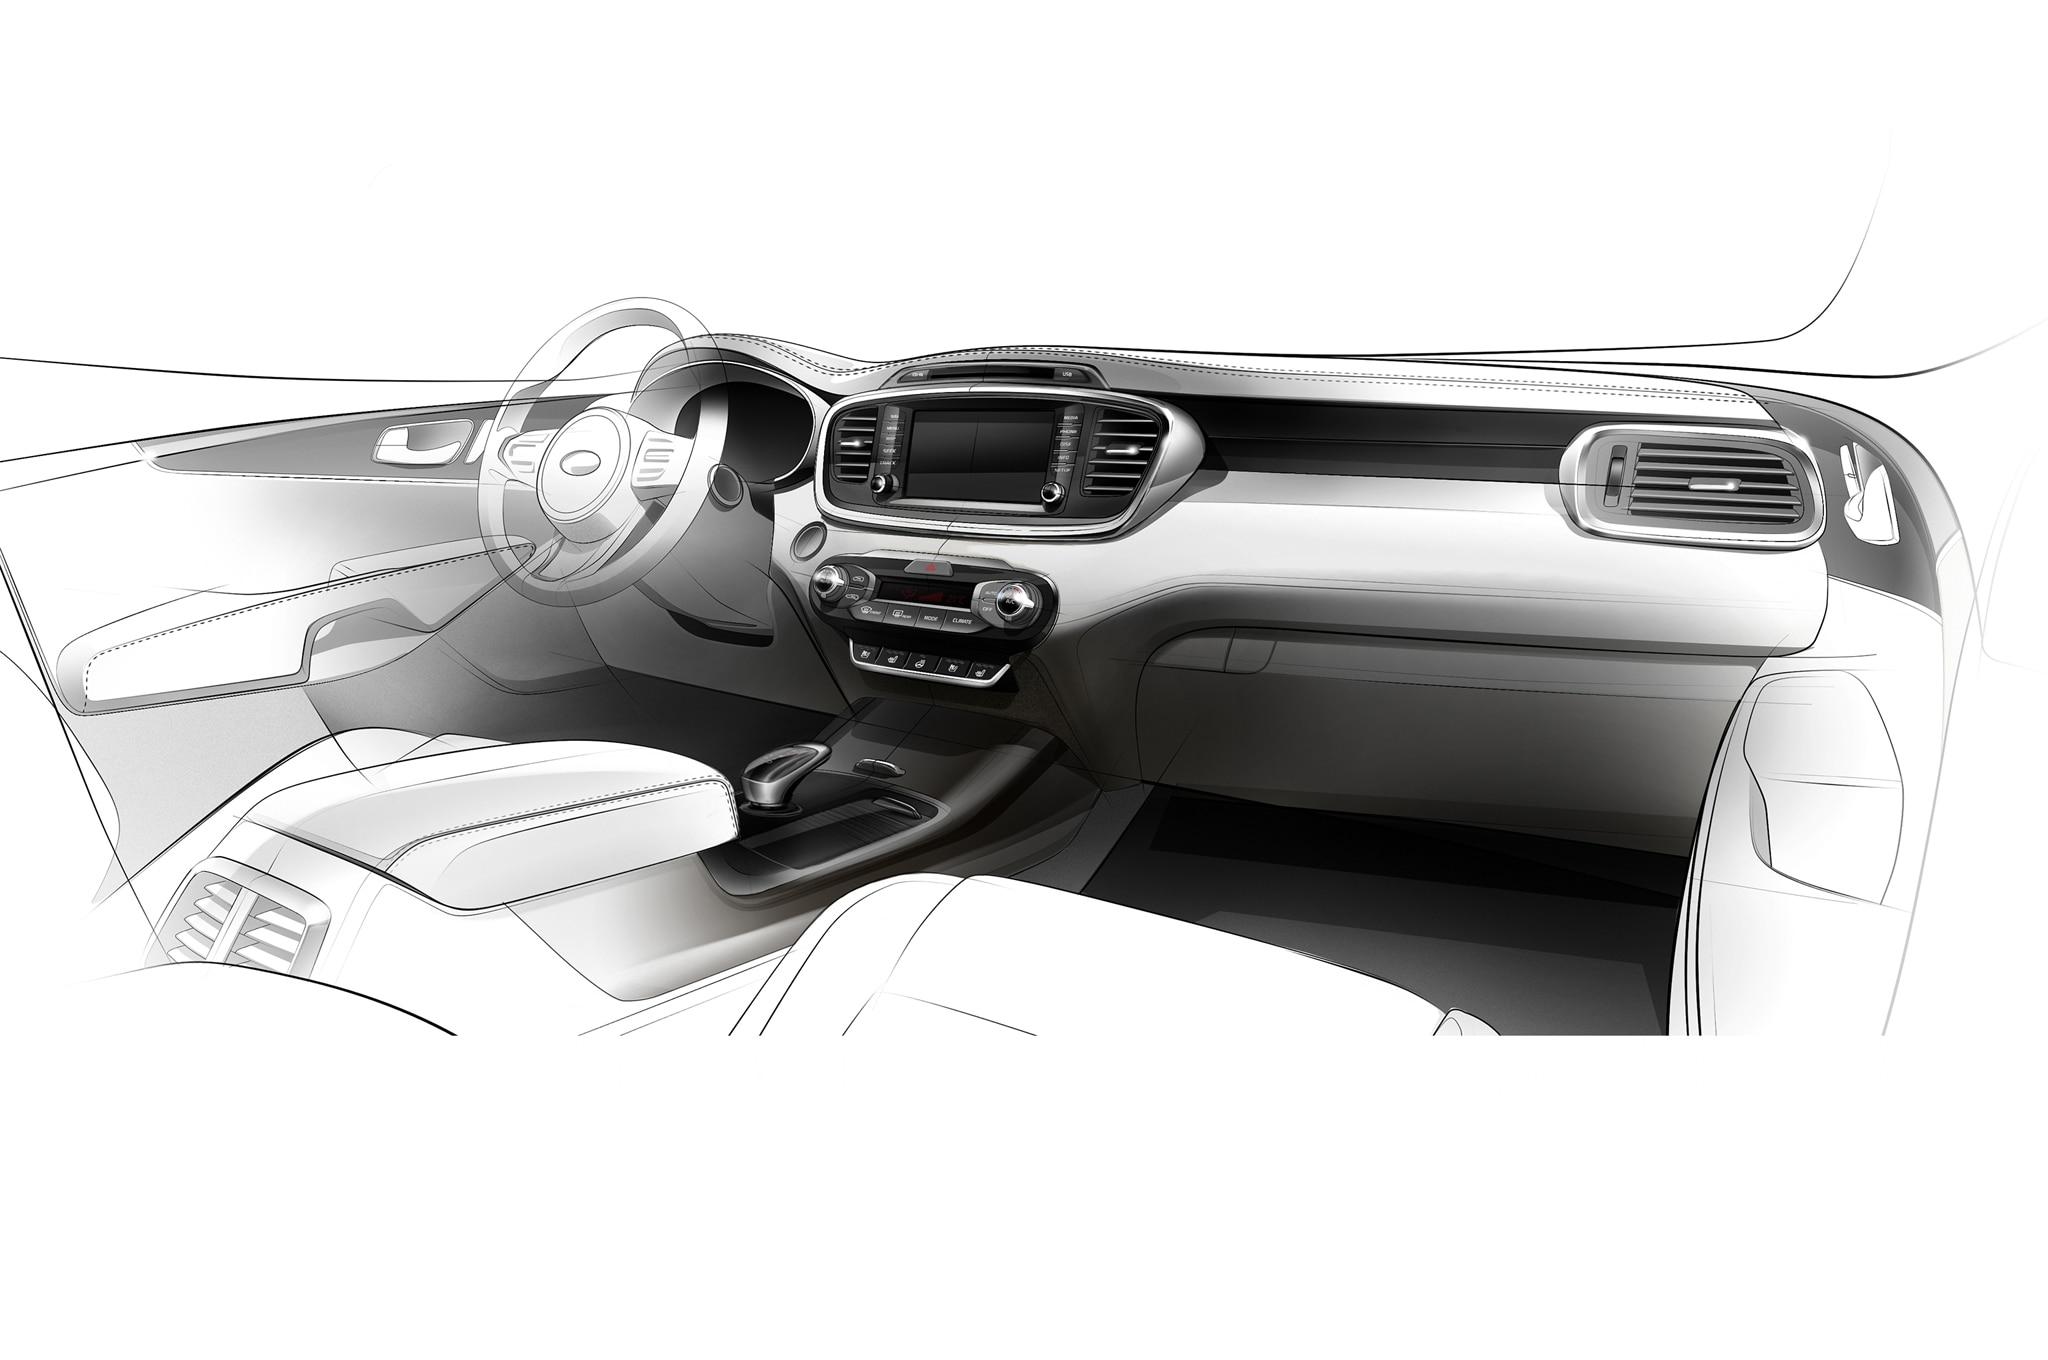 2016 Kia Sorento Interior Teaser Sketch1